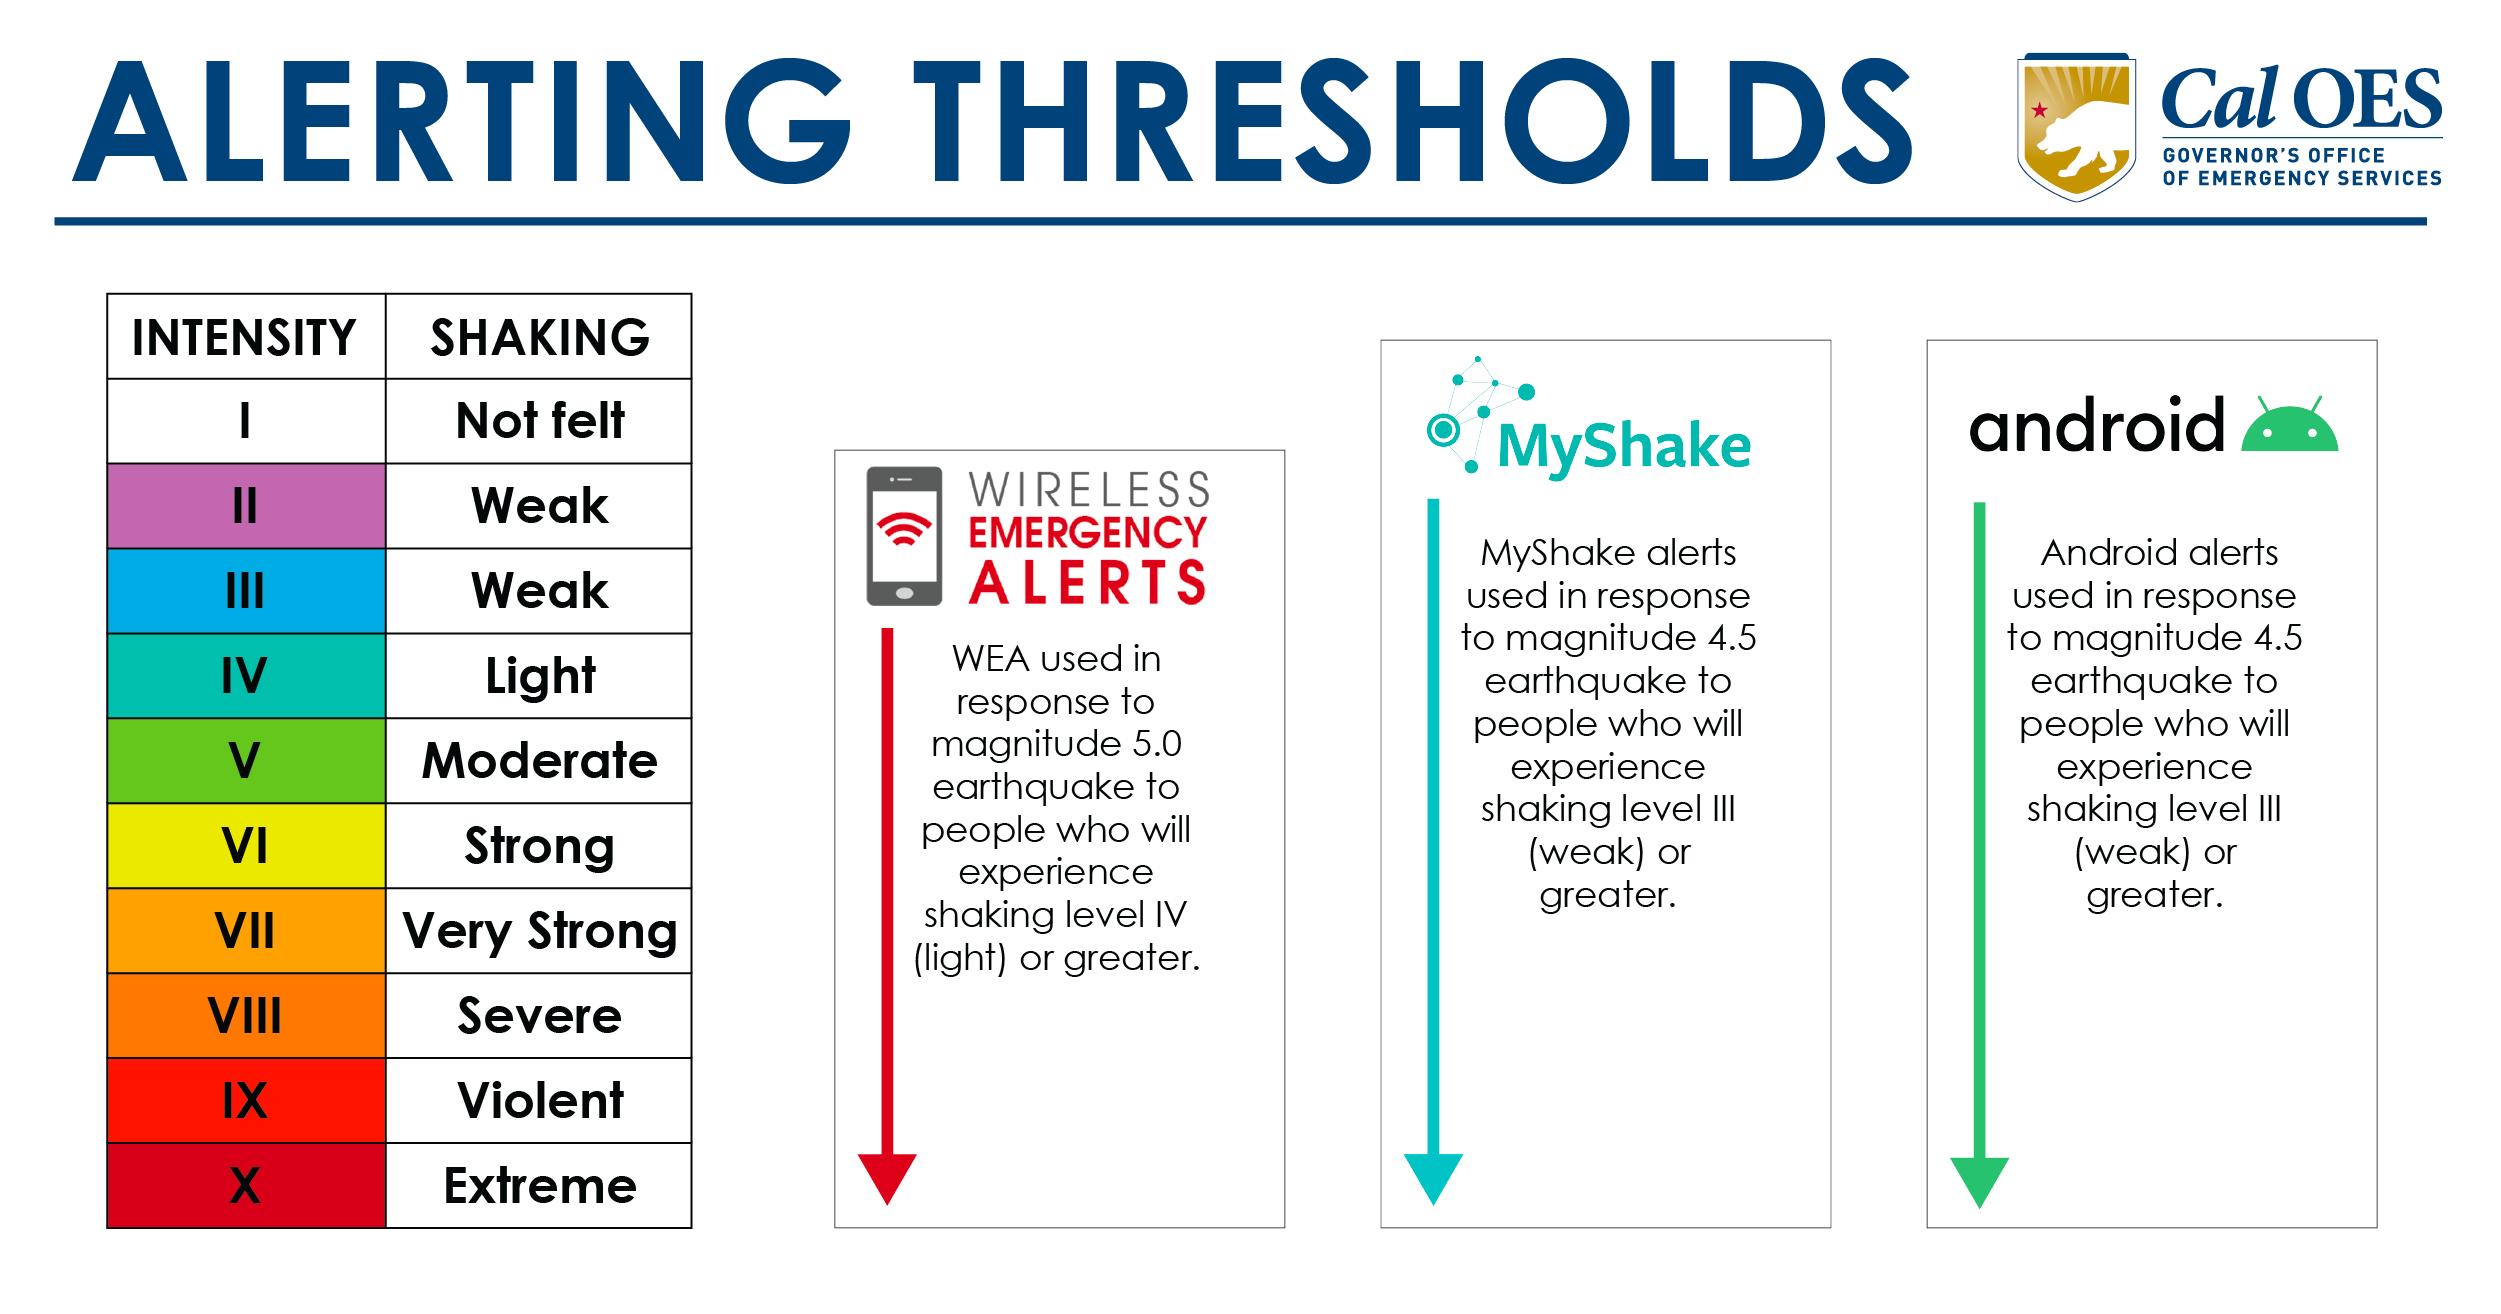 Alerting Thresholds Graphic